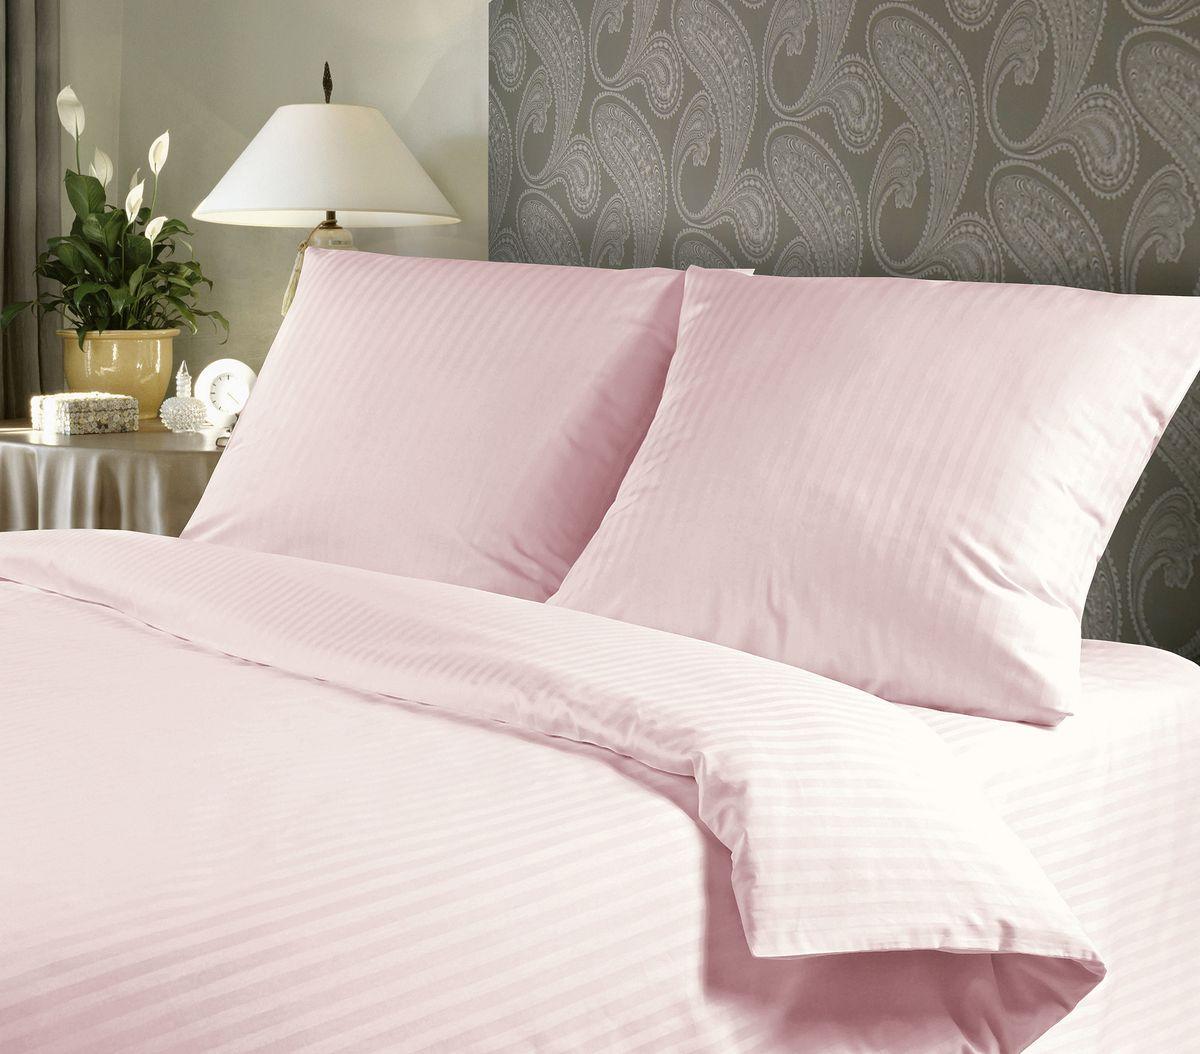 Комплект белья Verossa, 1,5-спальный, наволочки 70х70, цвет: розовыйDAVC150Сатин - настоящая роскошь для любителей понежиться в постели. Вас манит его блеск, завораживает гладкость, ласкает мягкость, и каждая минута с ним - истинное наслаждение.Тонкая пряжа и атласное переплетение нитей обеспечивают сатину мягкость и деликатность.Легкий блеск сатина делает дизайны живыми и переливающимися.100% хлопок, не электризуется и отлично пропускает воздух, ткань дышит.Легко стирается и практически не требует глажения.Не линяет, не изменяет вид после многочисленных стирок.